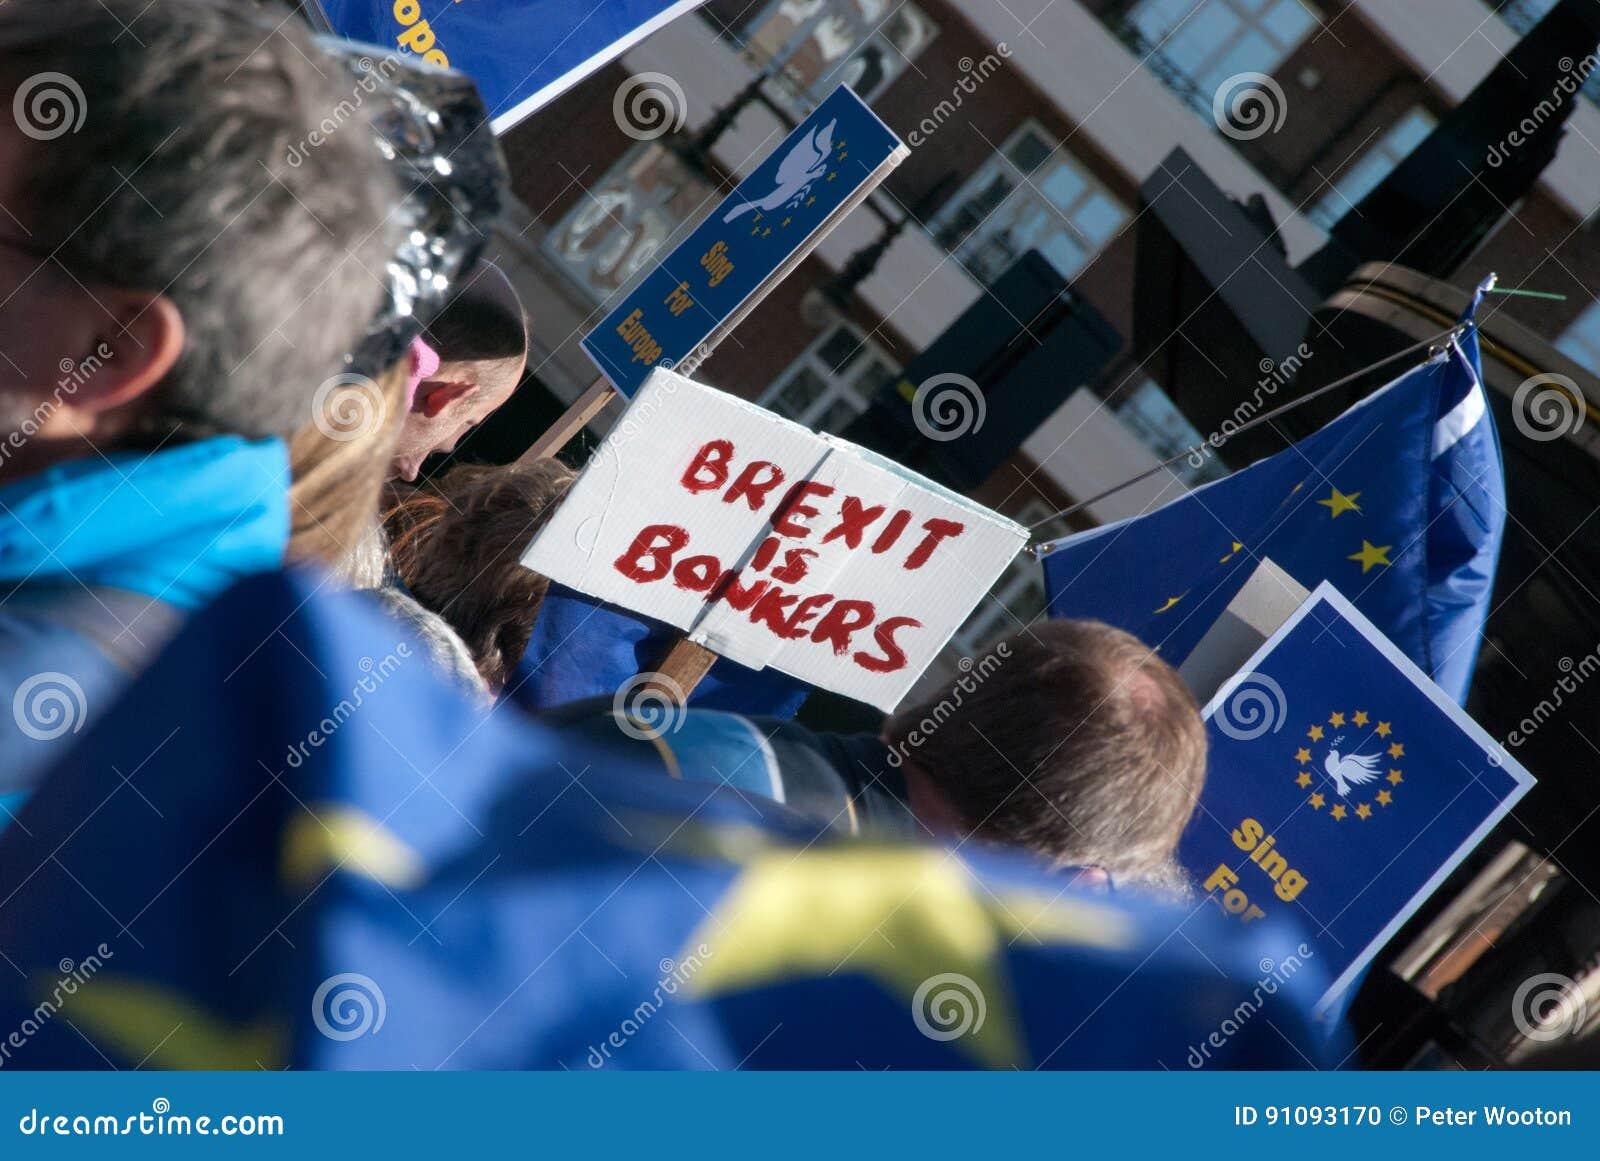 Protesta anti-Brexit con las banderas y el cartel